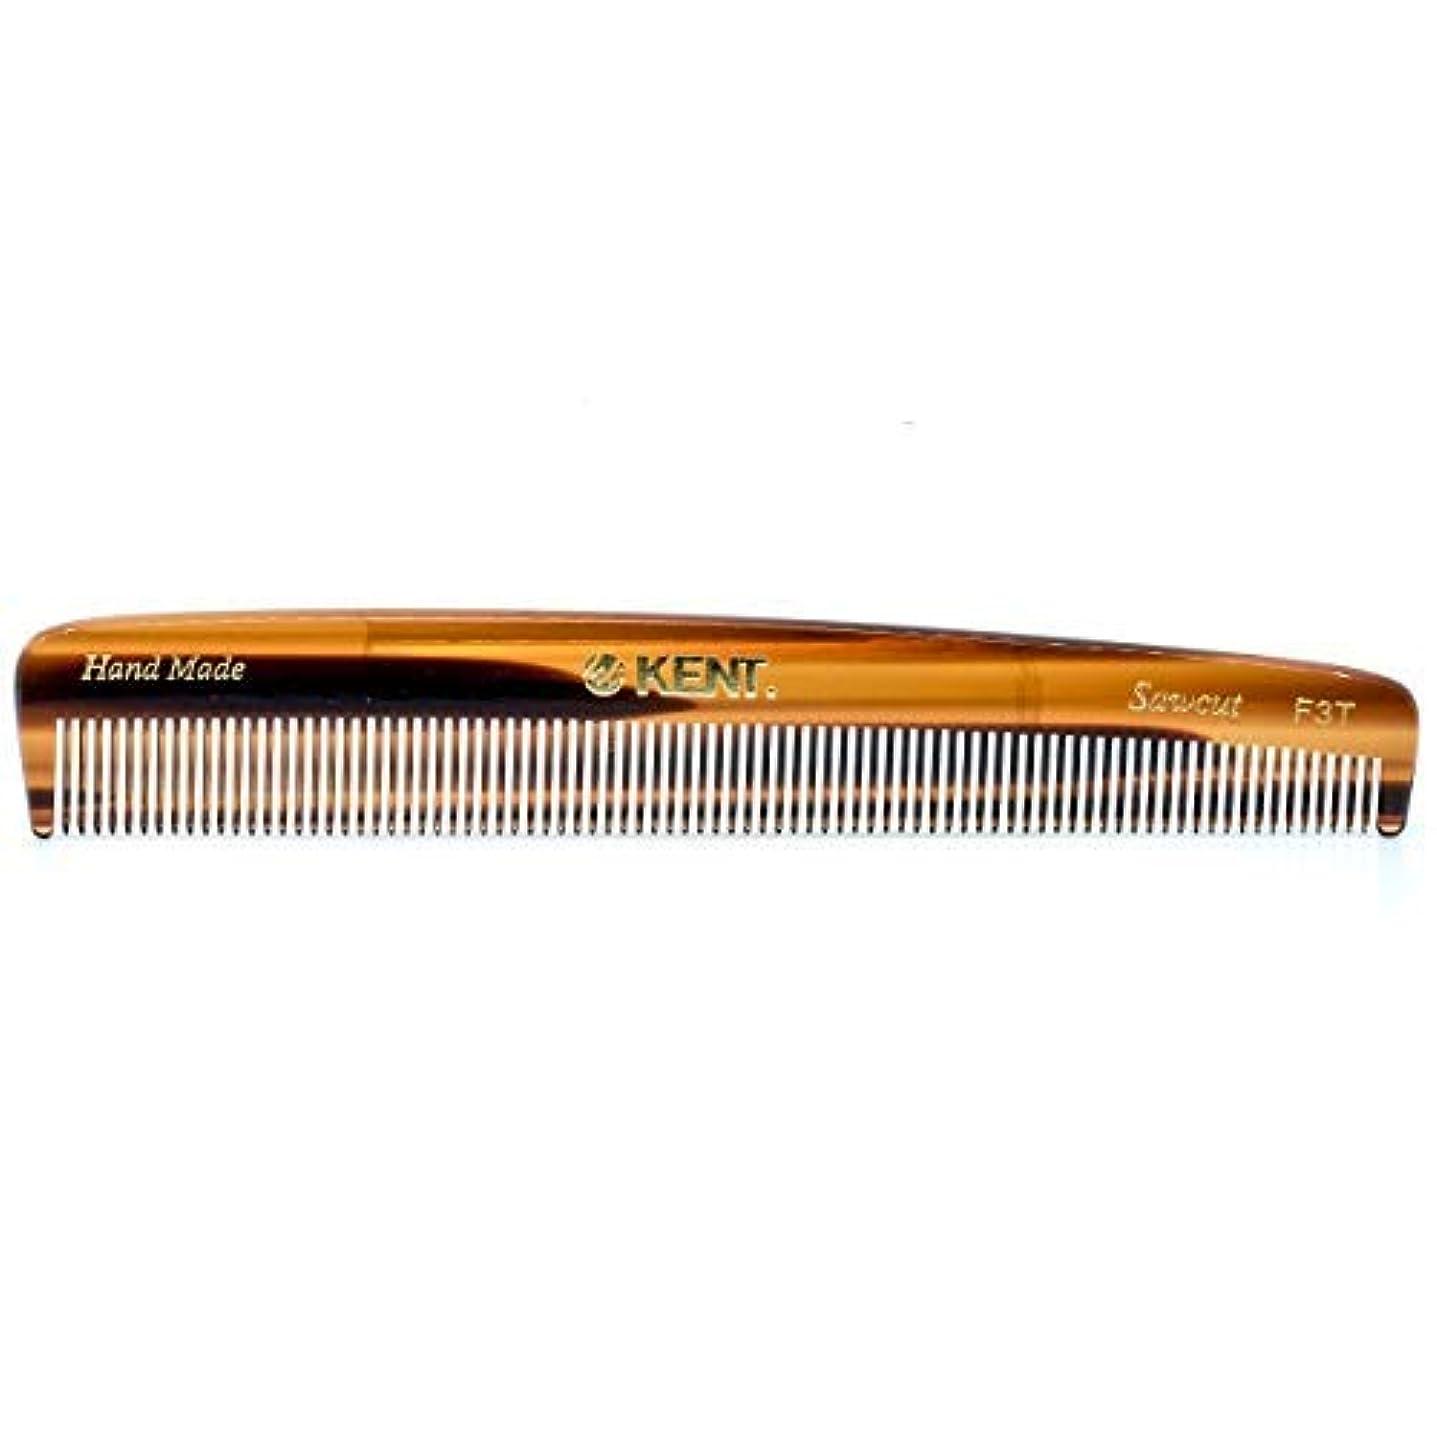 プロット関連する現実にはKent F3T The Hand Made - All Fine Dressing Comb 160mm/6.25 Inch [並行輸入品]